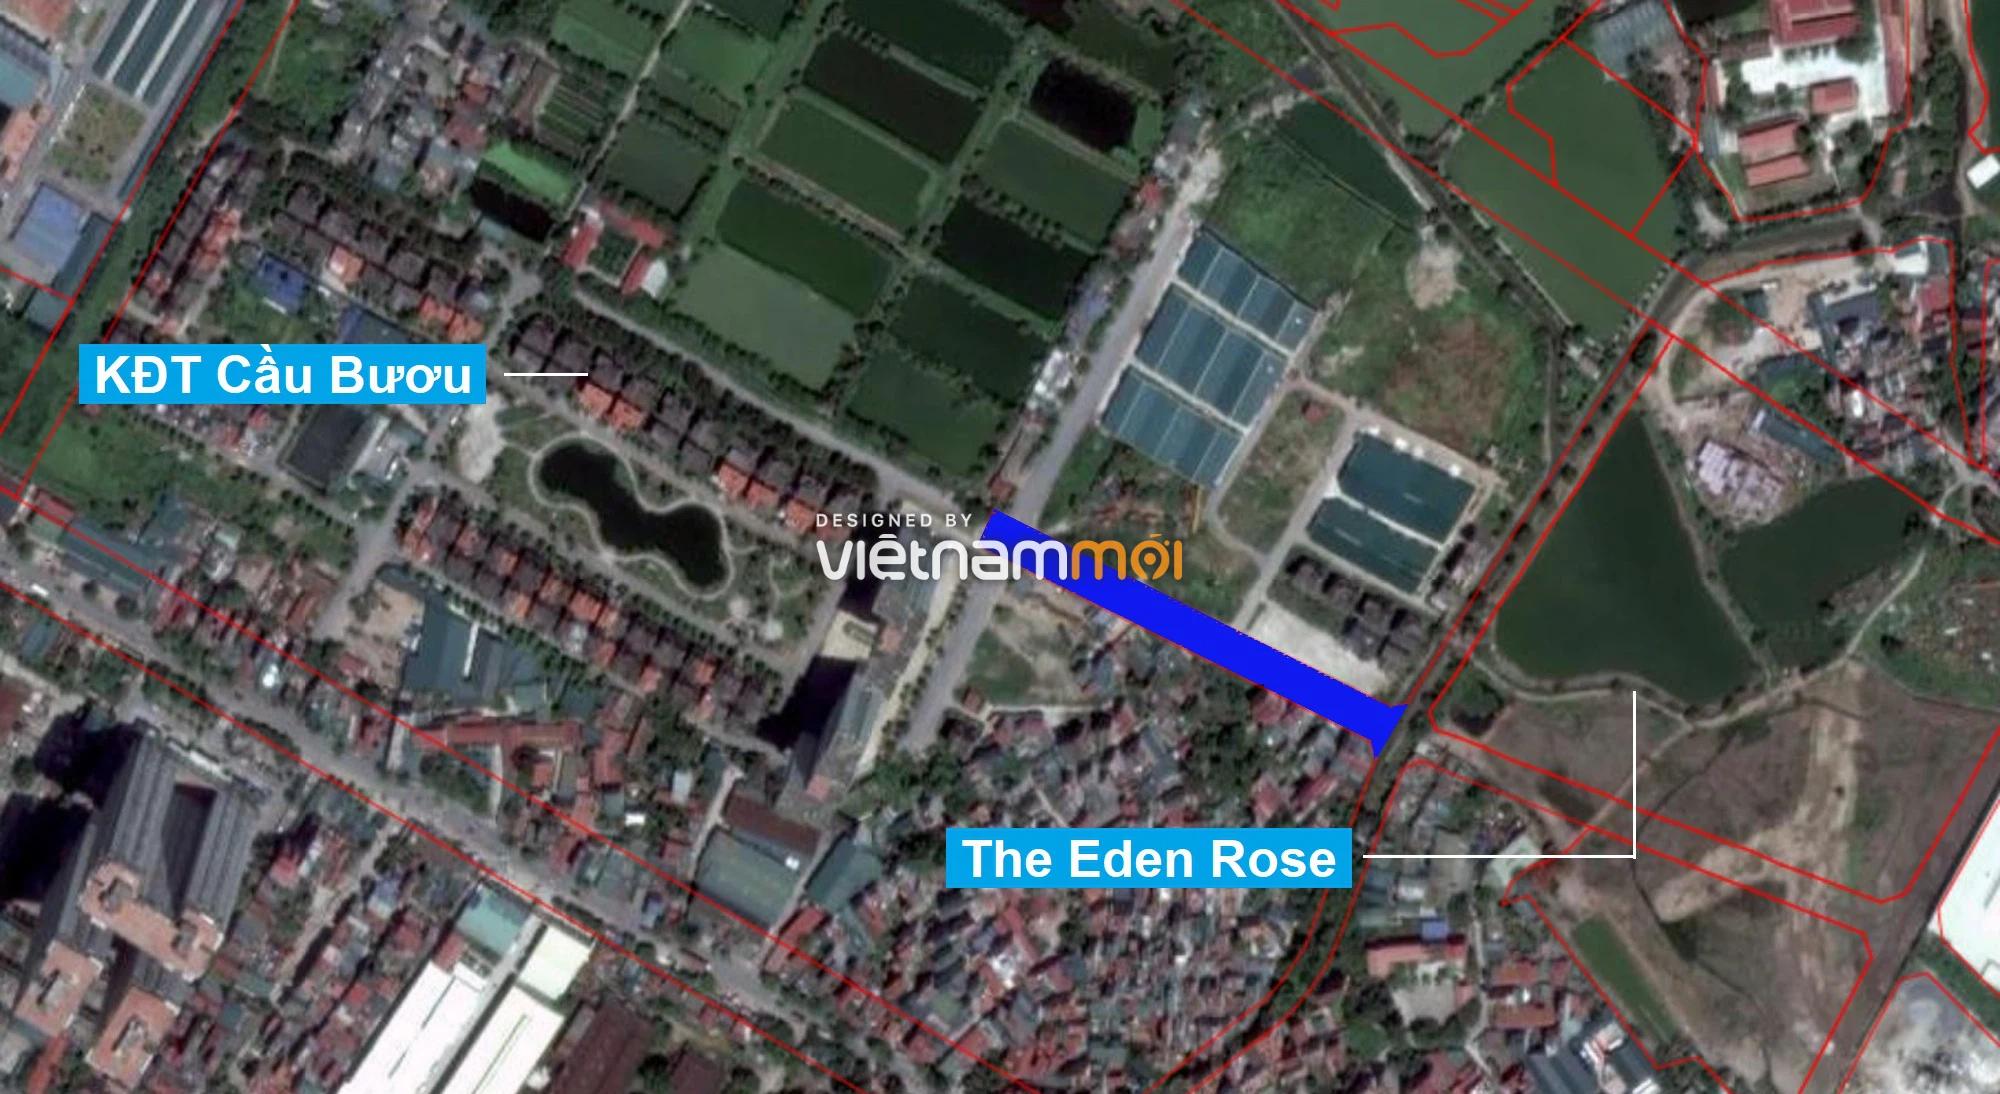 Những khu đất sắp thu hồi để mở đường ở xã Thanh Liệt, Thanh Trì, Hà Nội (phần 1) - Ảnh 14.